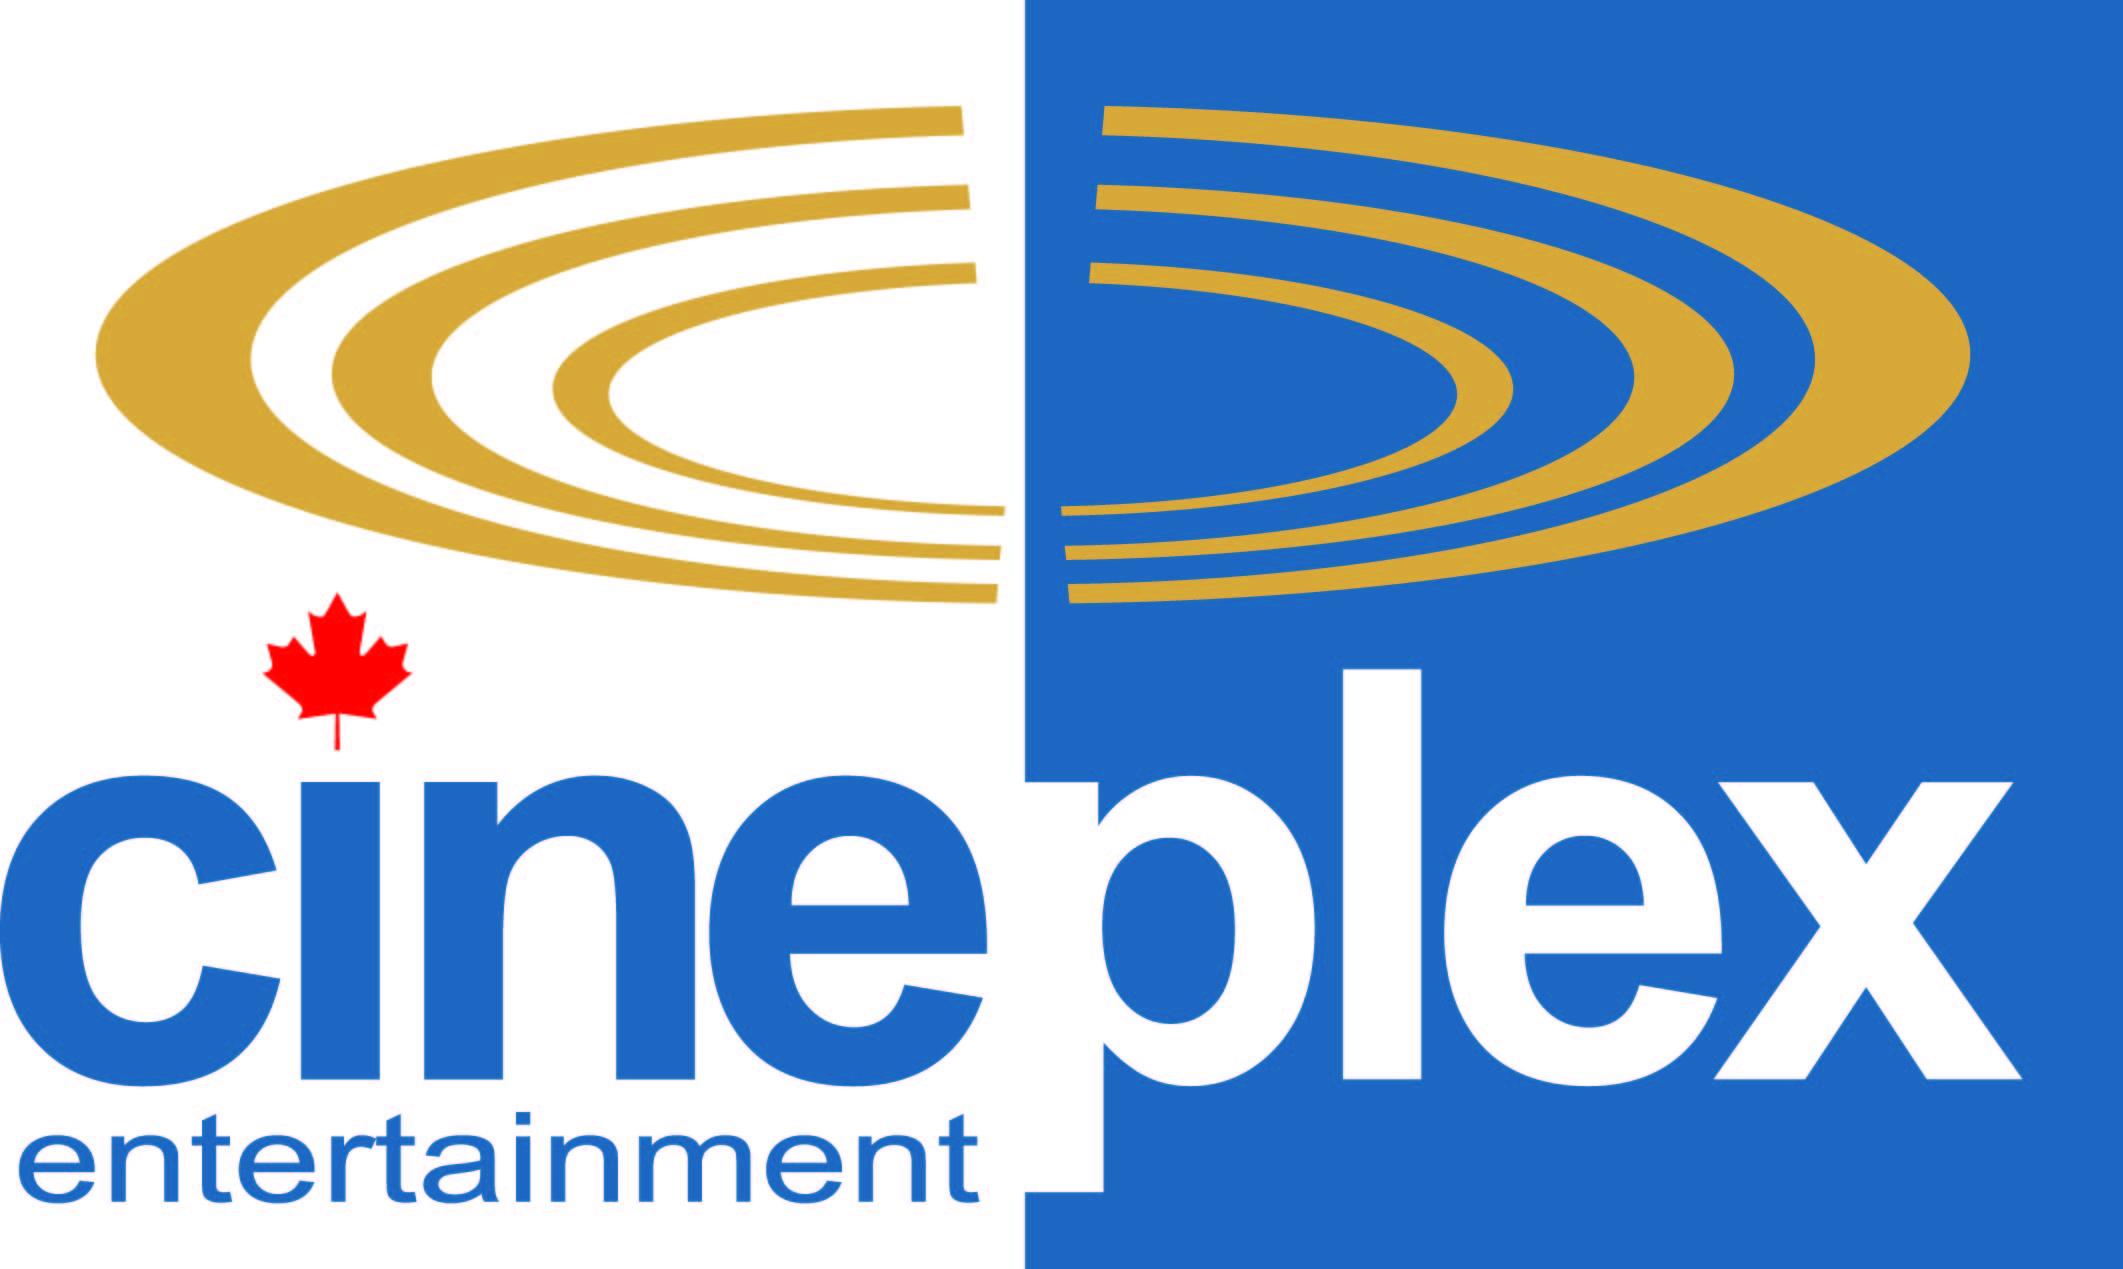 Cineplex_Entertainment.jpg